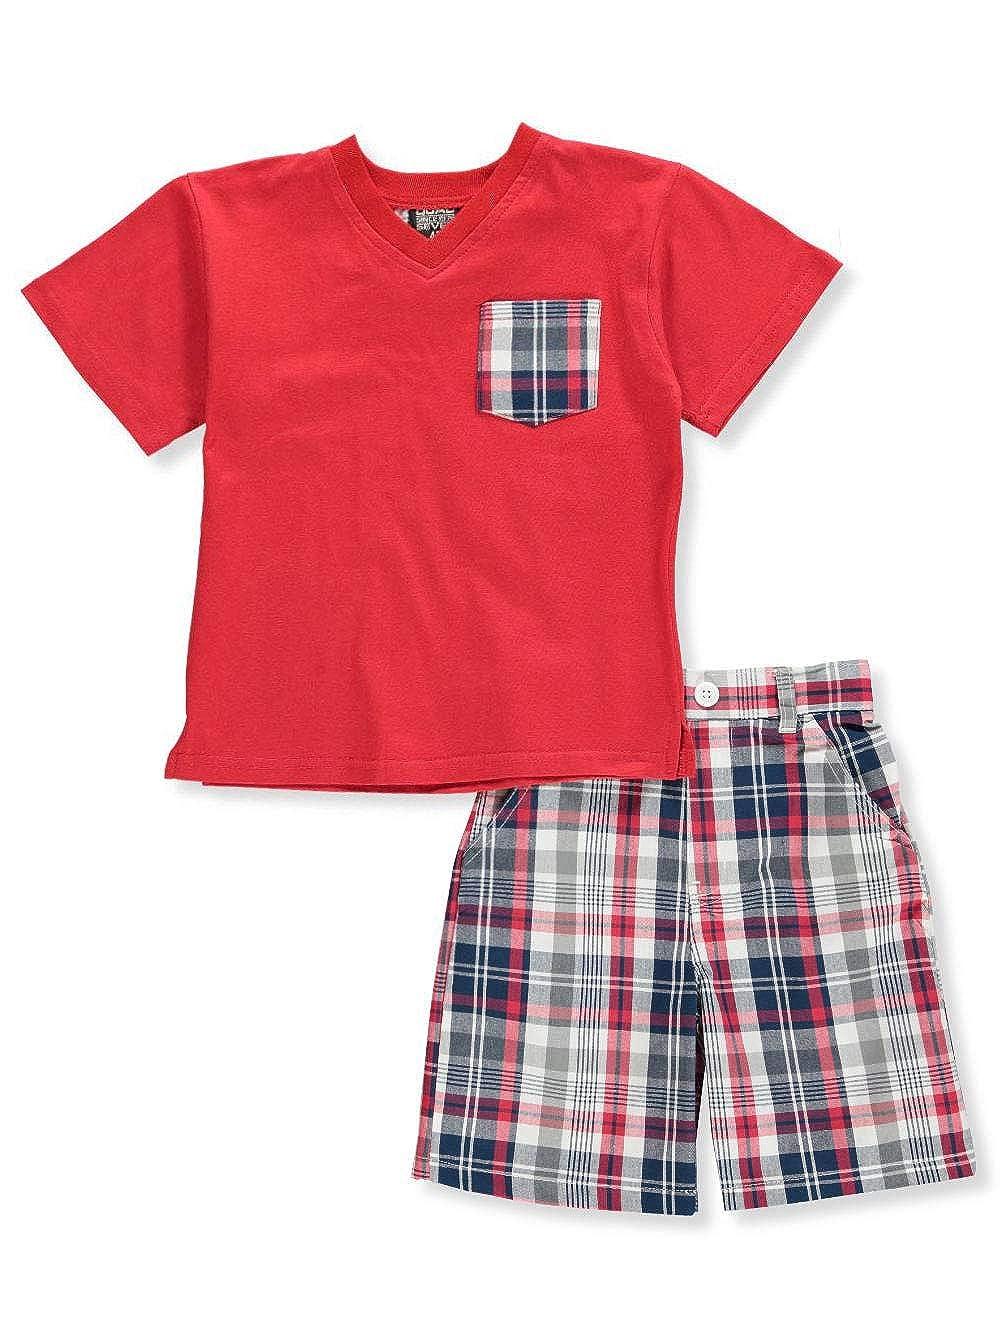 Quad Seven Boys' 2-Piece Shorts Set Outfit